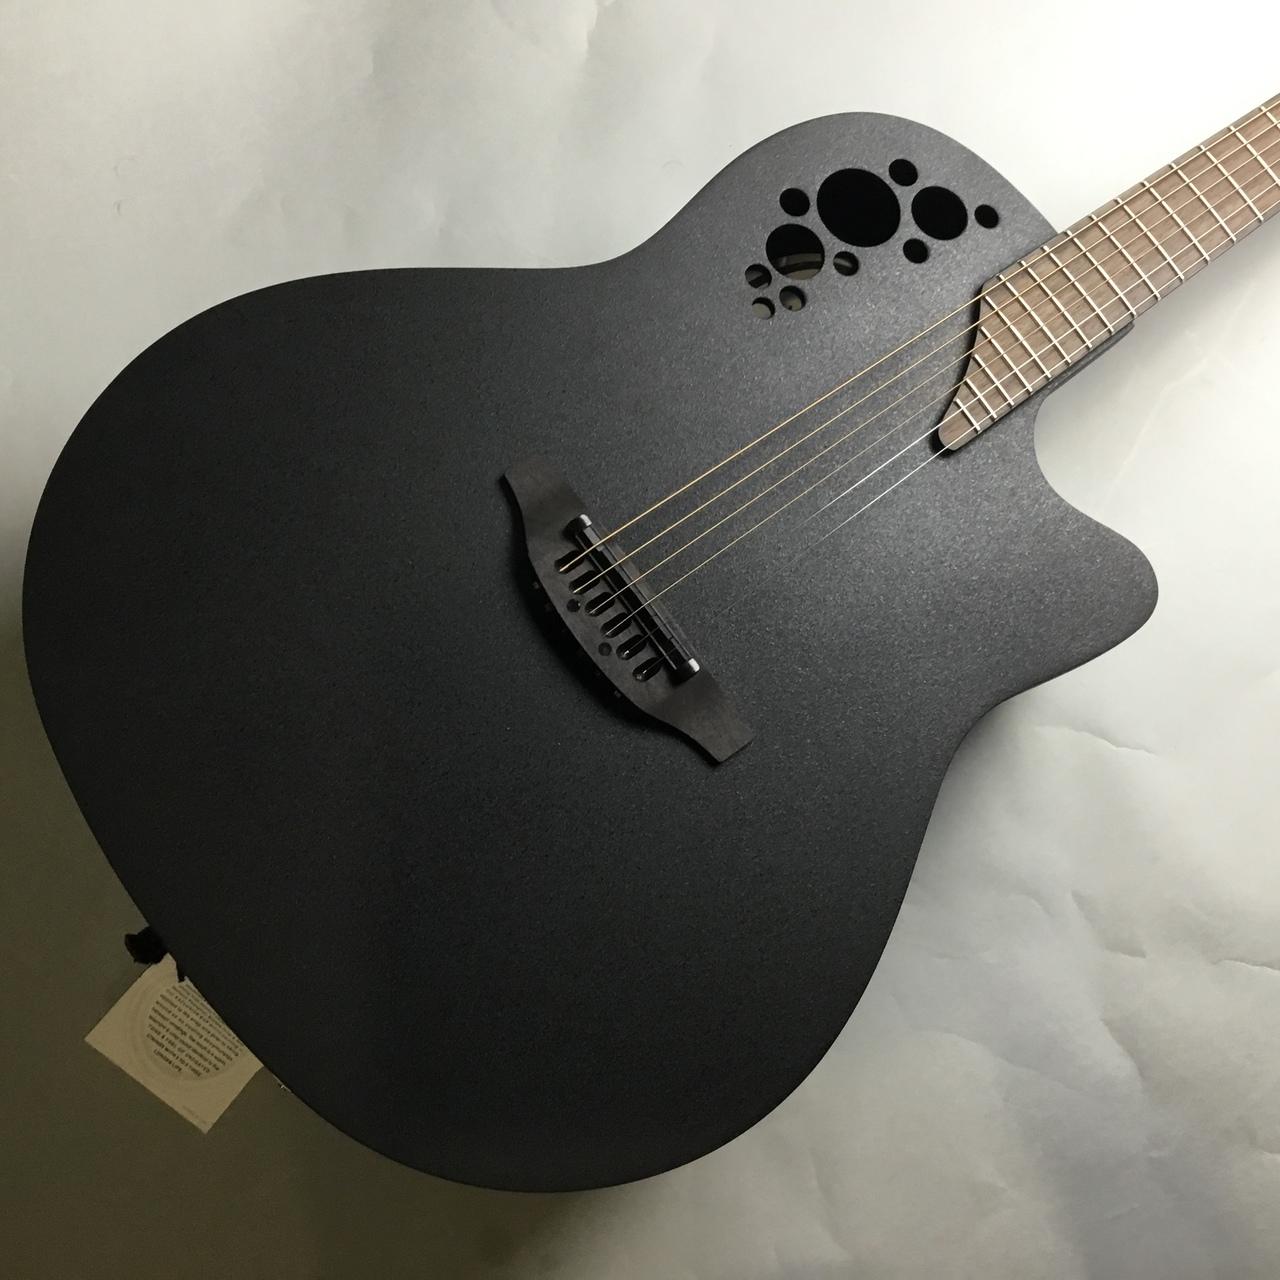 Ovation (オベーション)2078TX/エレアコギター/5Eのボディトップ-アップ画像